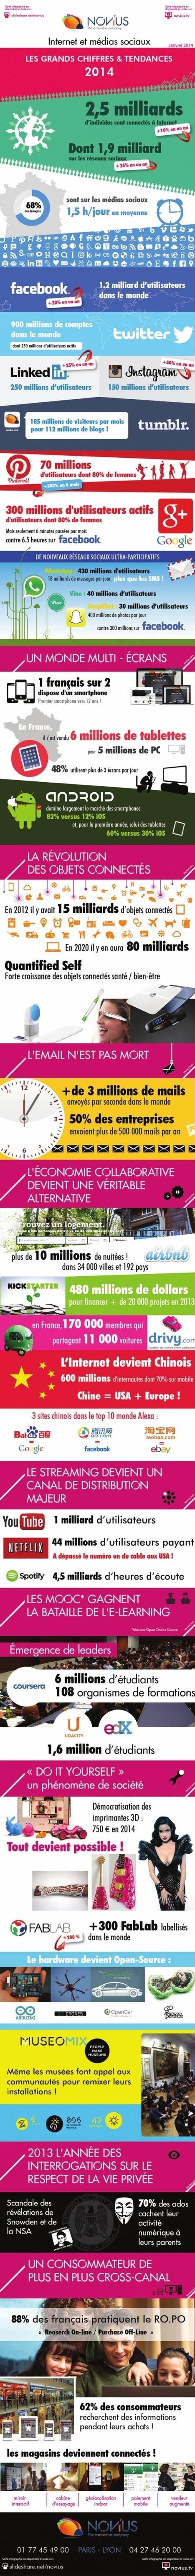 Infographie : Zoom sur les tendances web 2014 -... | TrendyTourism | Scoop.it